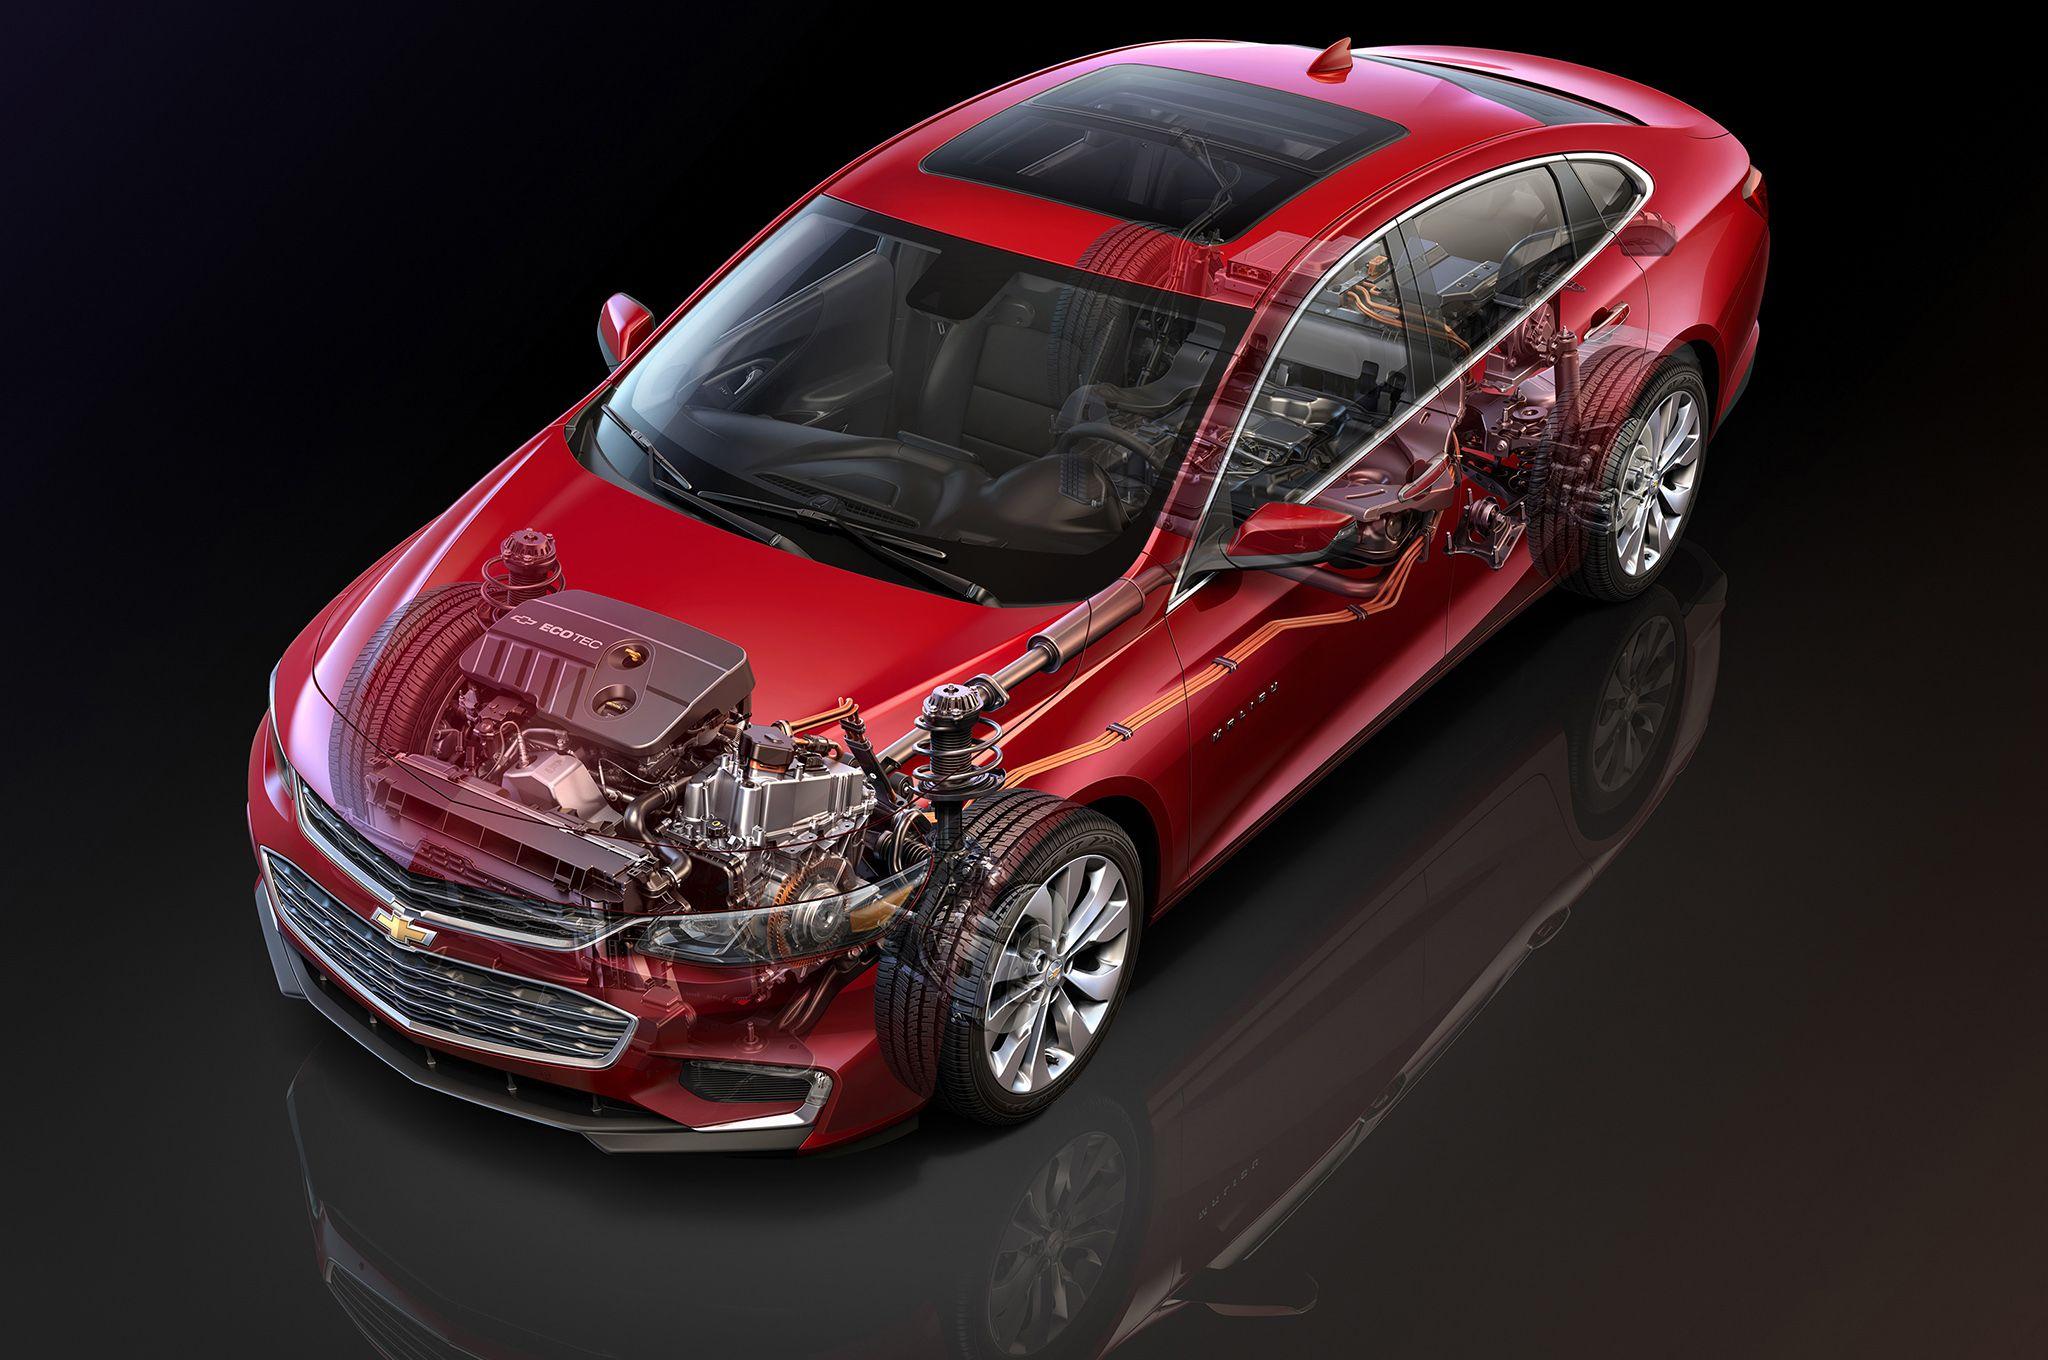 2016 Chevrolet Malibu Hybrid Returns 46 Mpg Chevrolet Malibu